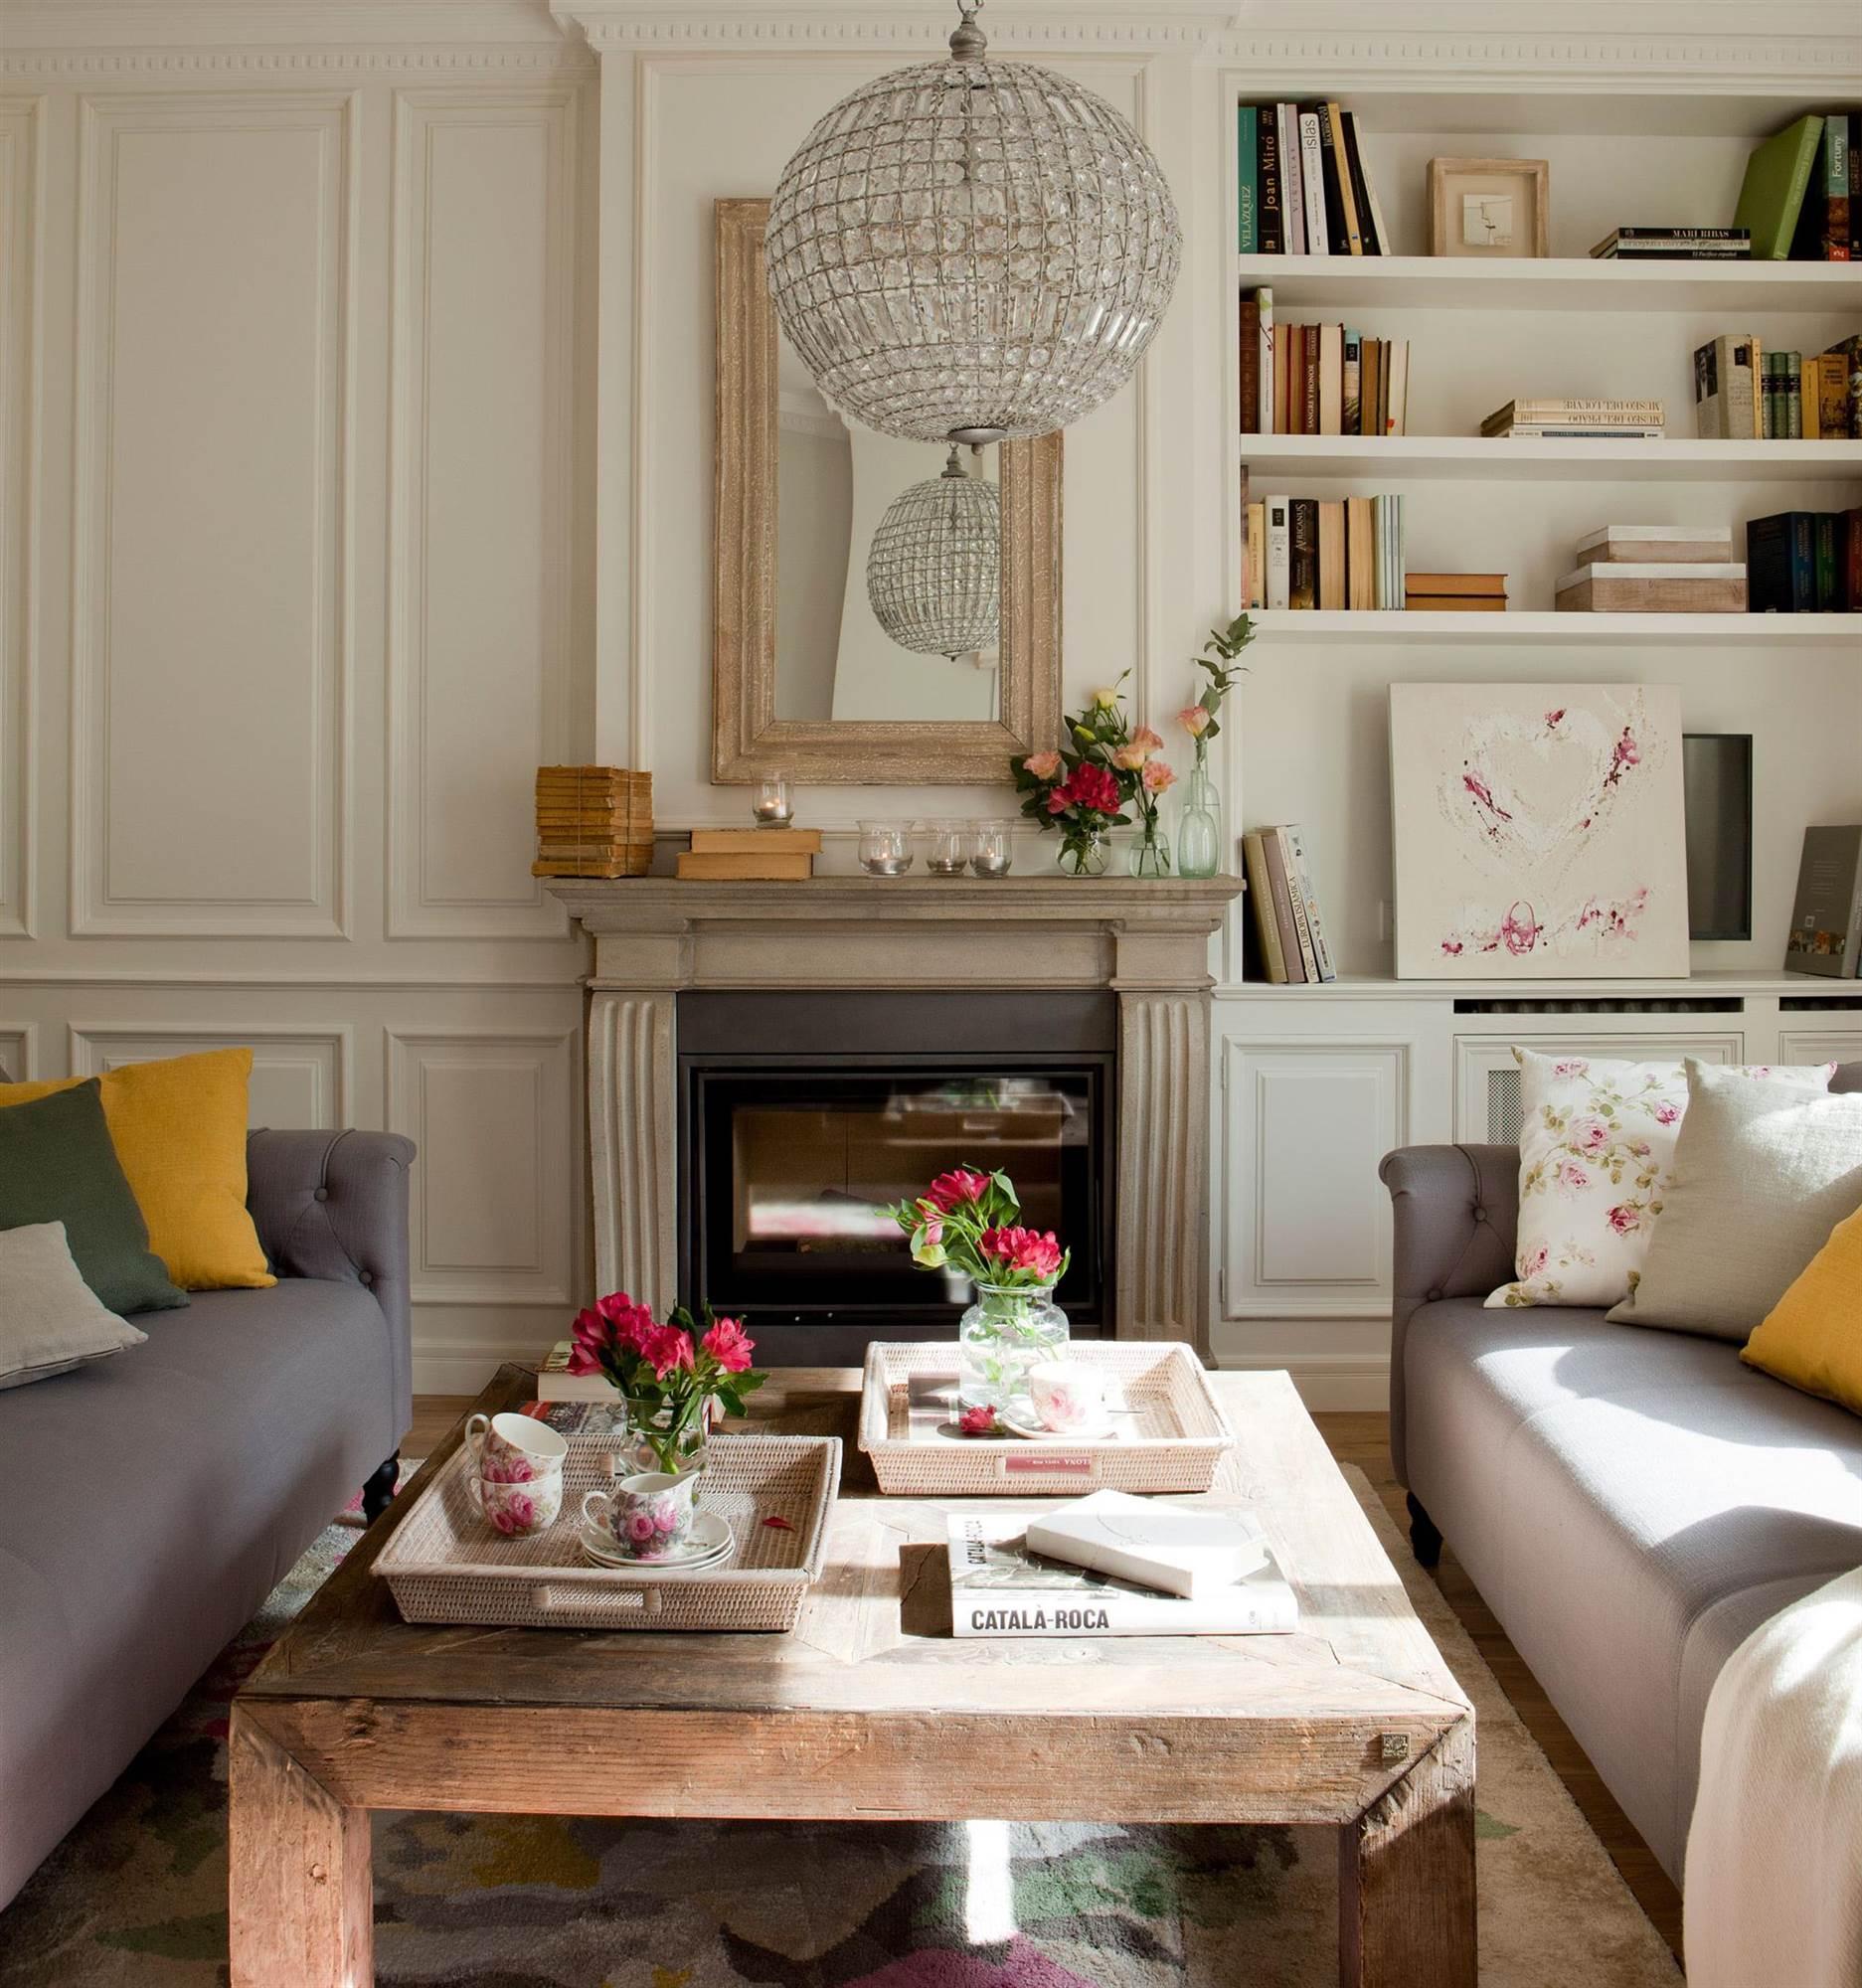 Ventajas de tener una chimenea en casa - Chimeneas para decorar ...